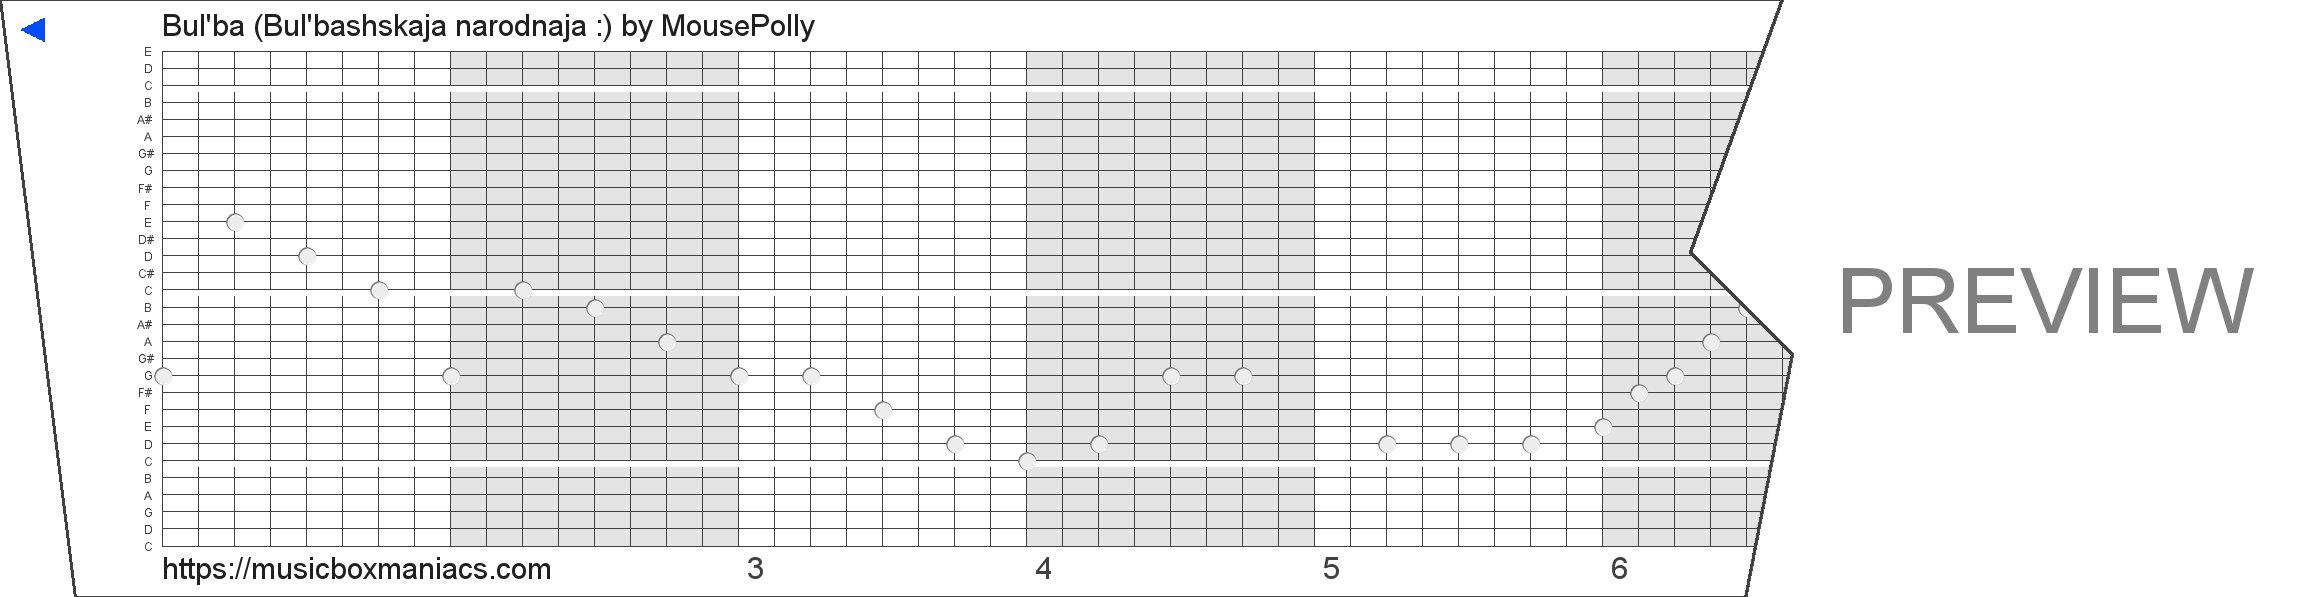 Bul'ba (Bul'bashskaja narodnaja :) 30 note music box paper strip